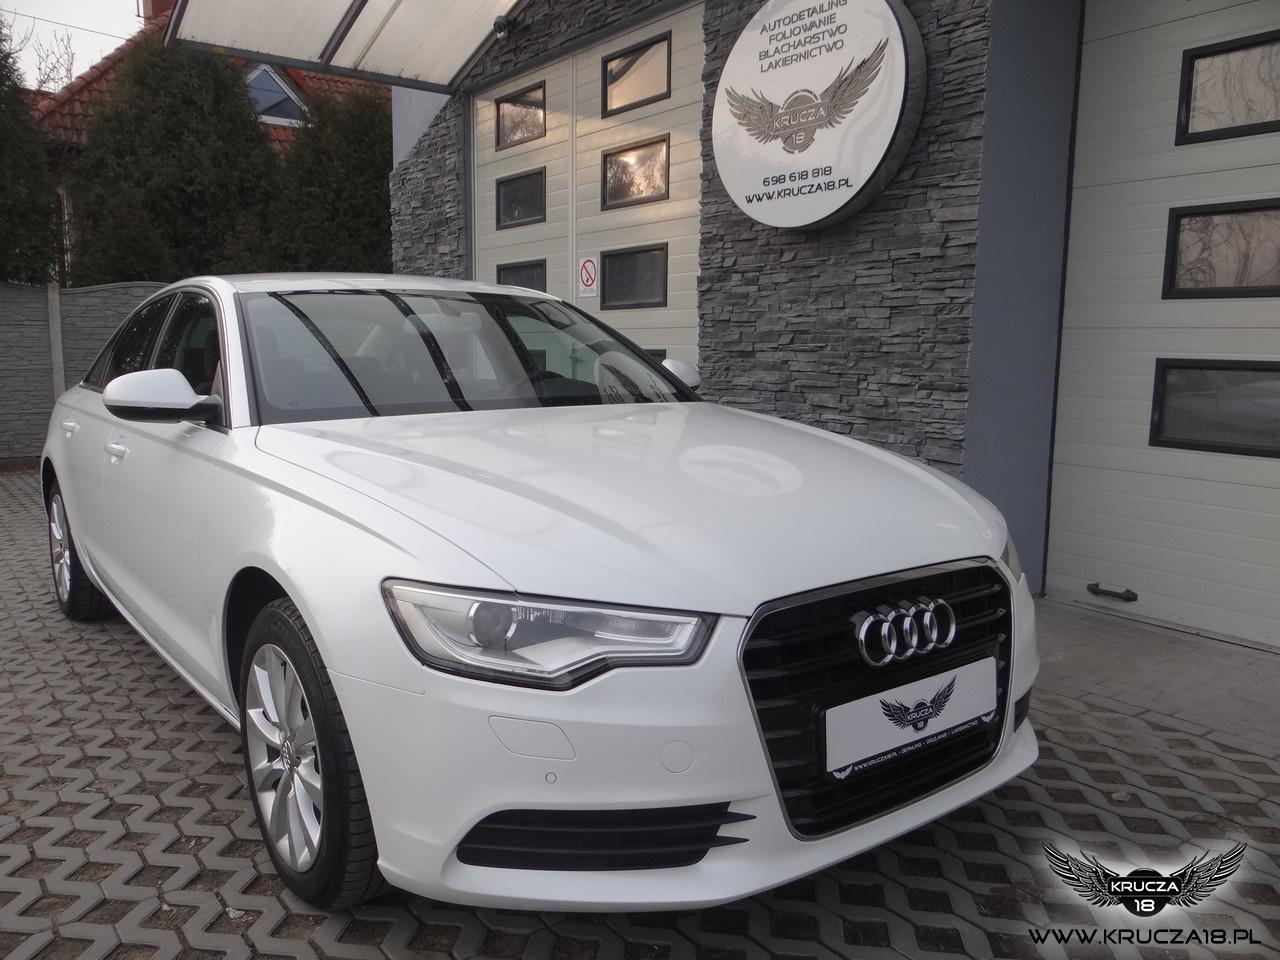 Audi A6 - Zmiana koloru folią / Biała Perła